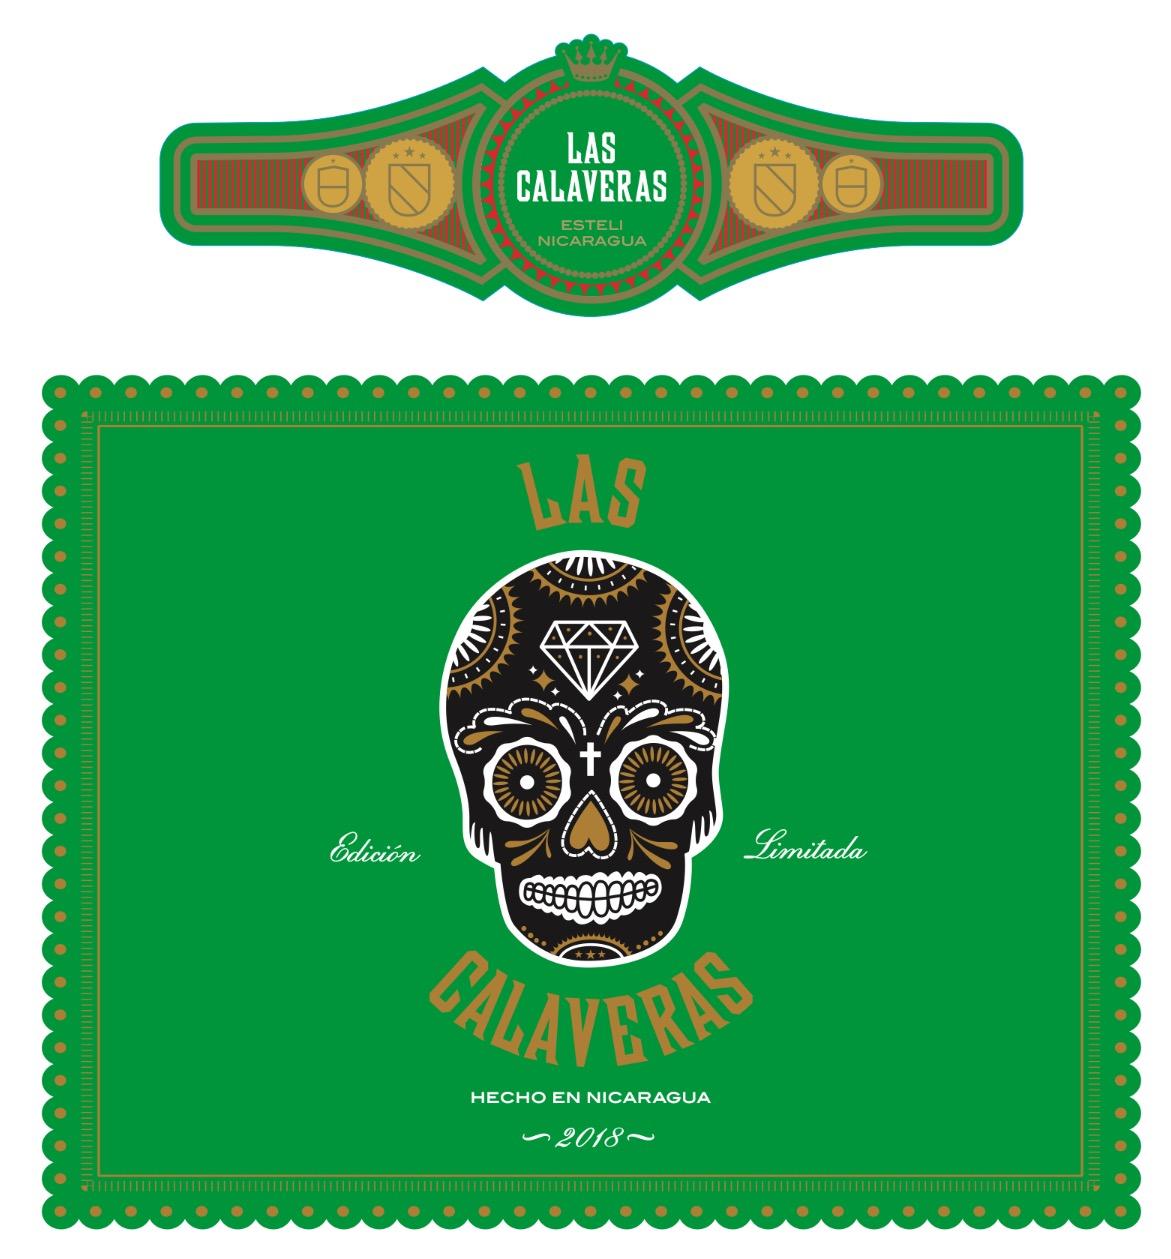 Las Calaveras 2018 Logo